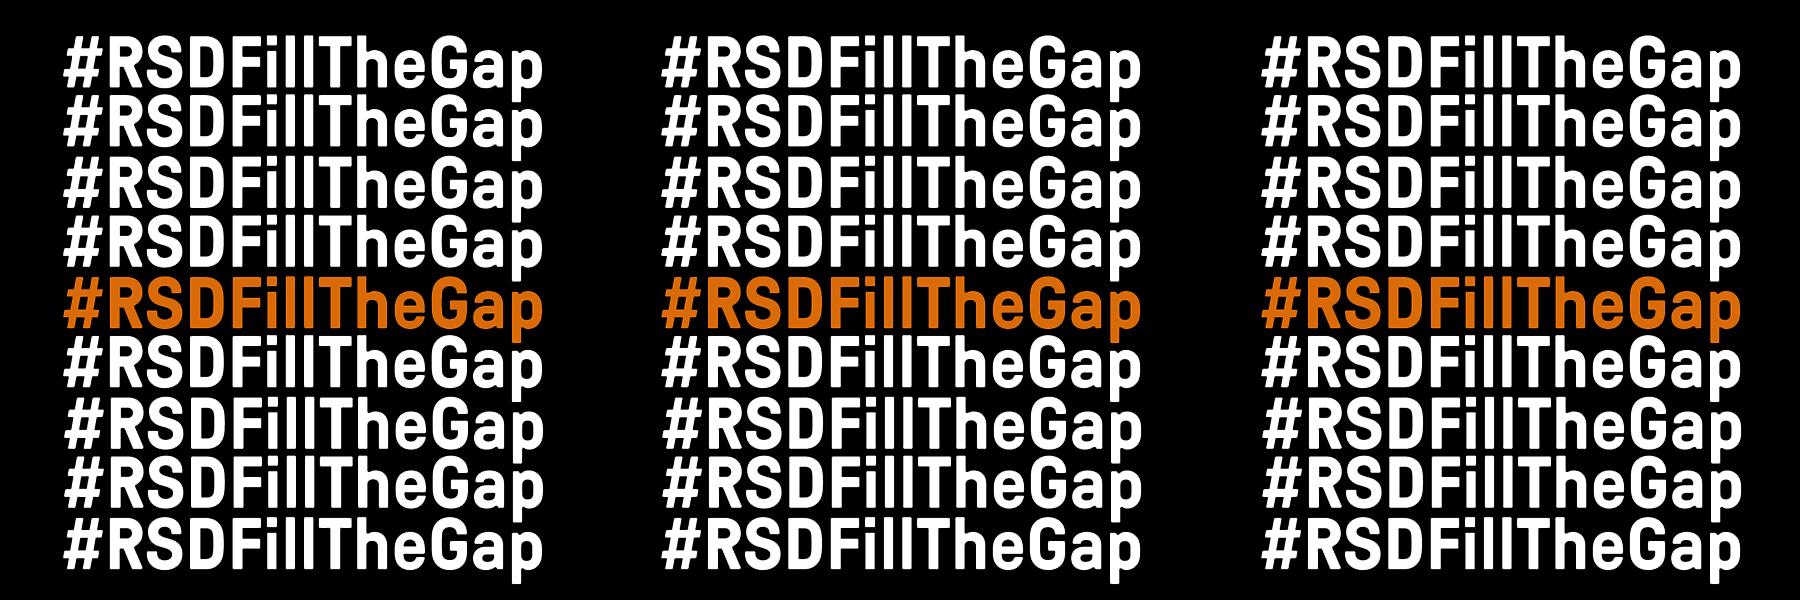 #RSDFillTheGap